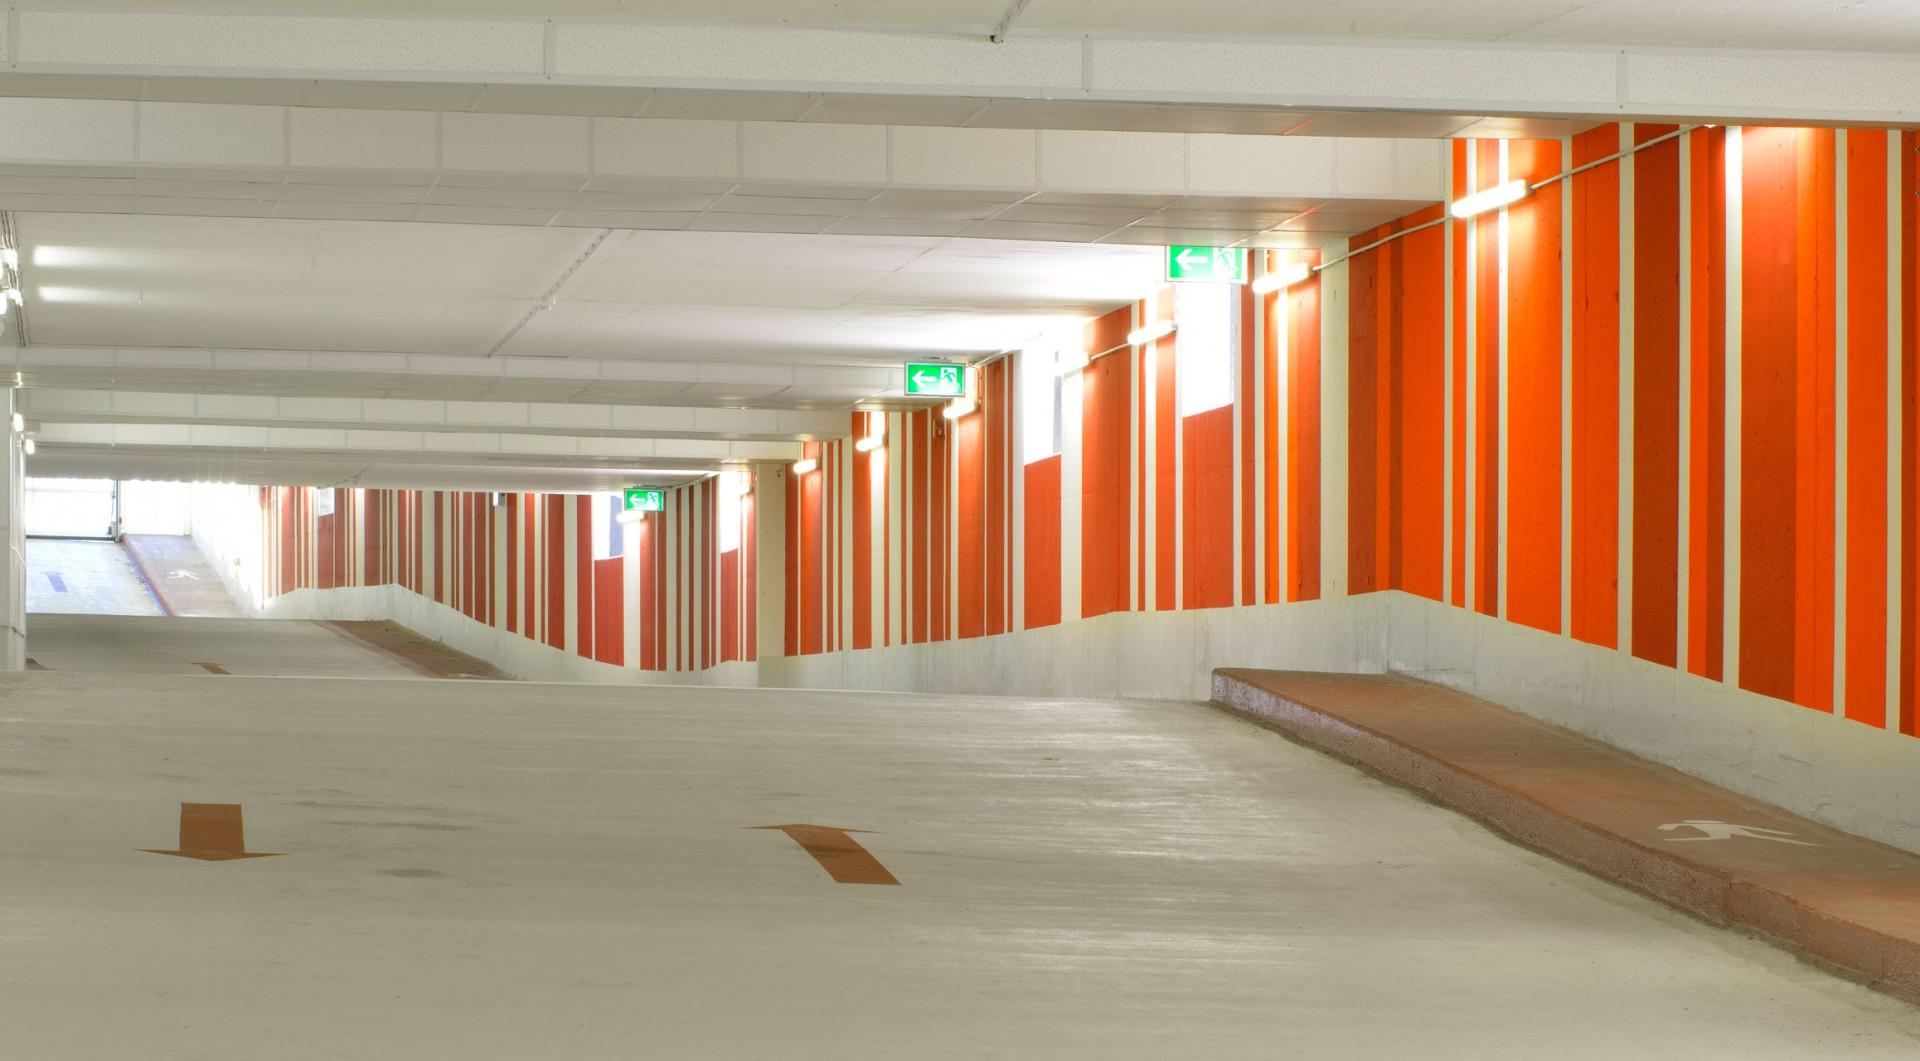 Drei Eins – Architektur- und Stadtplanungsbüro in Frankfurt // Vereinsstraße, Ffm